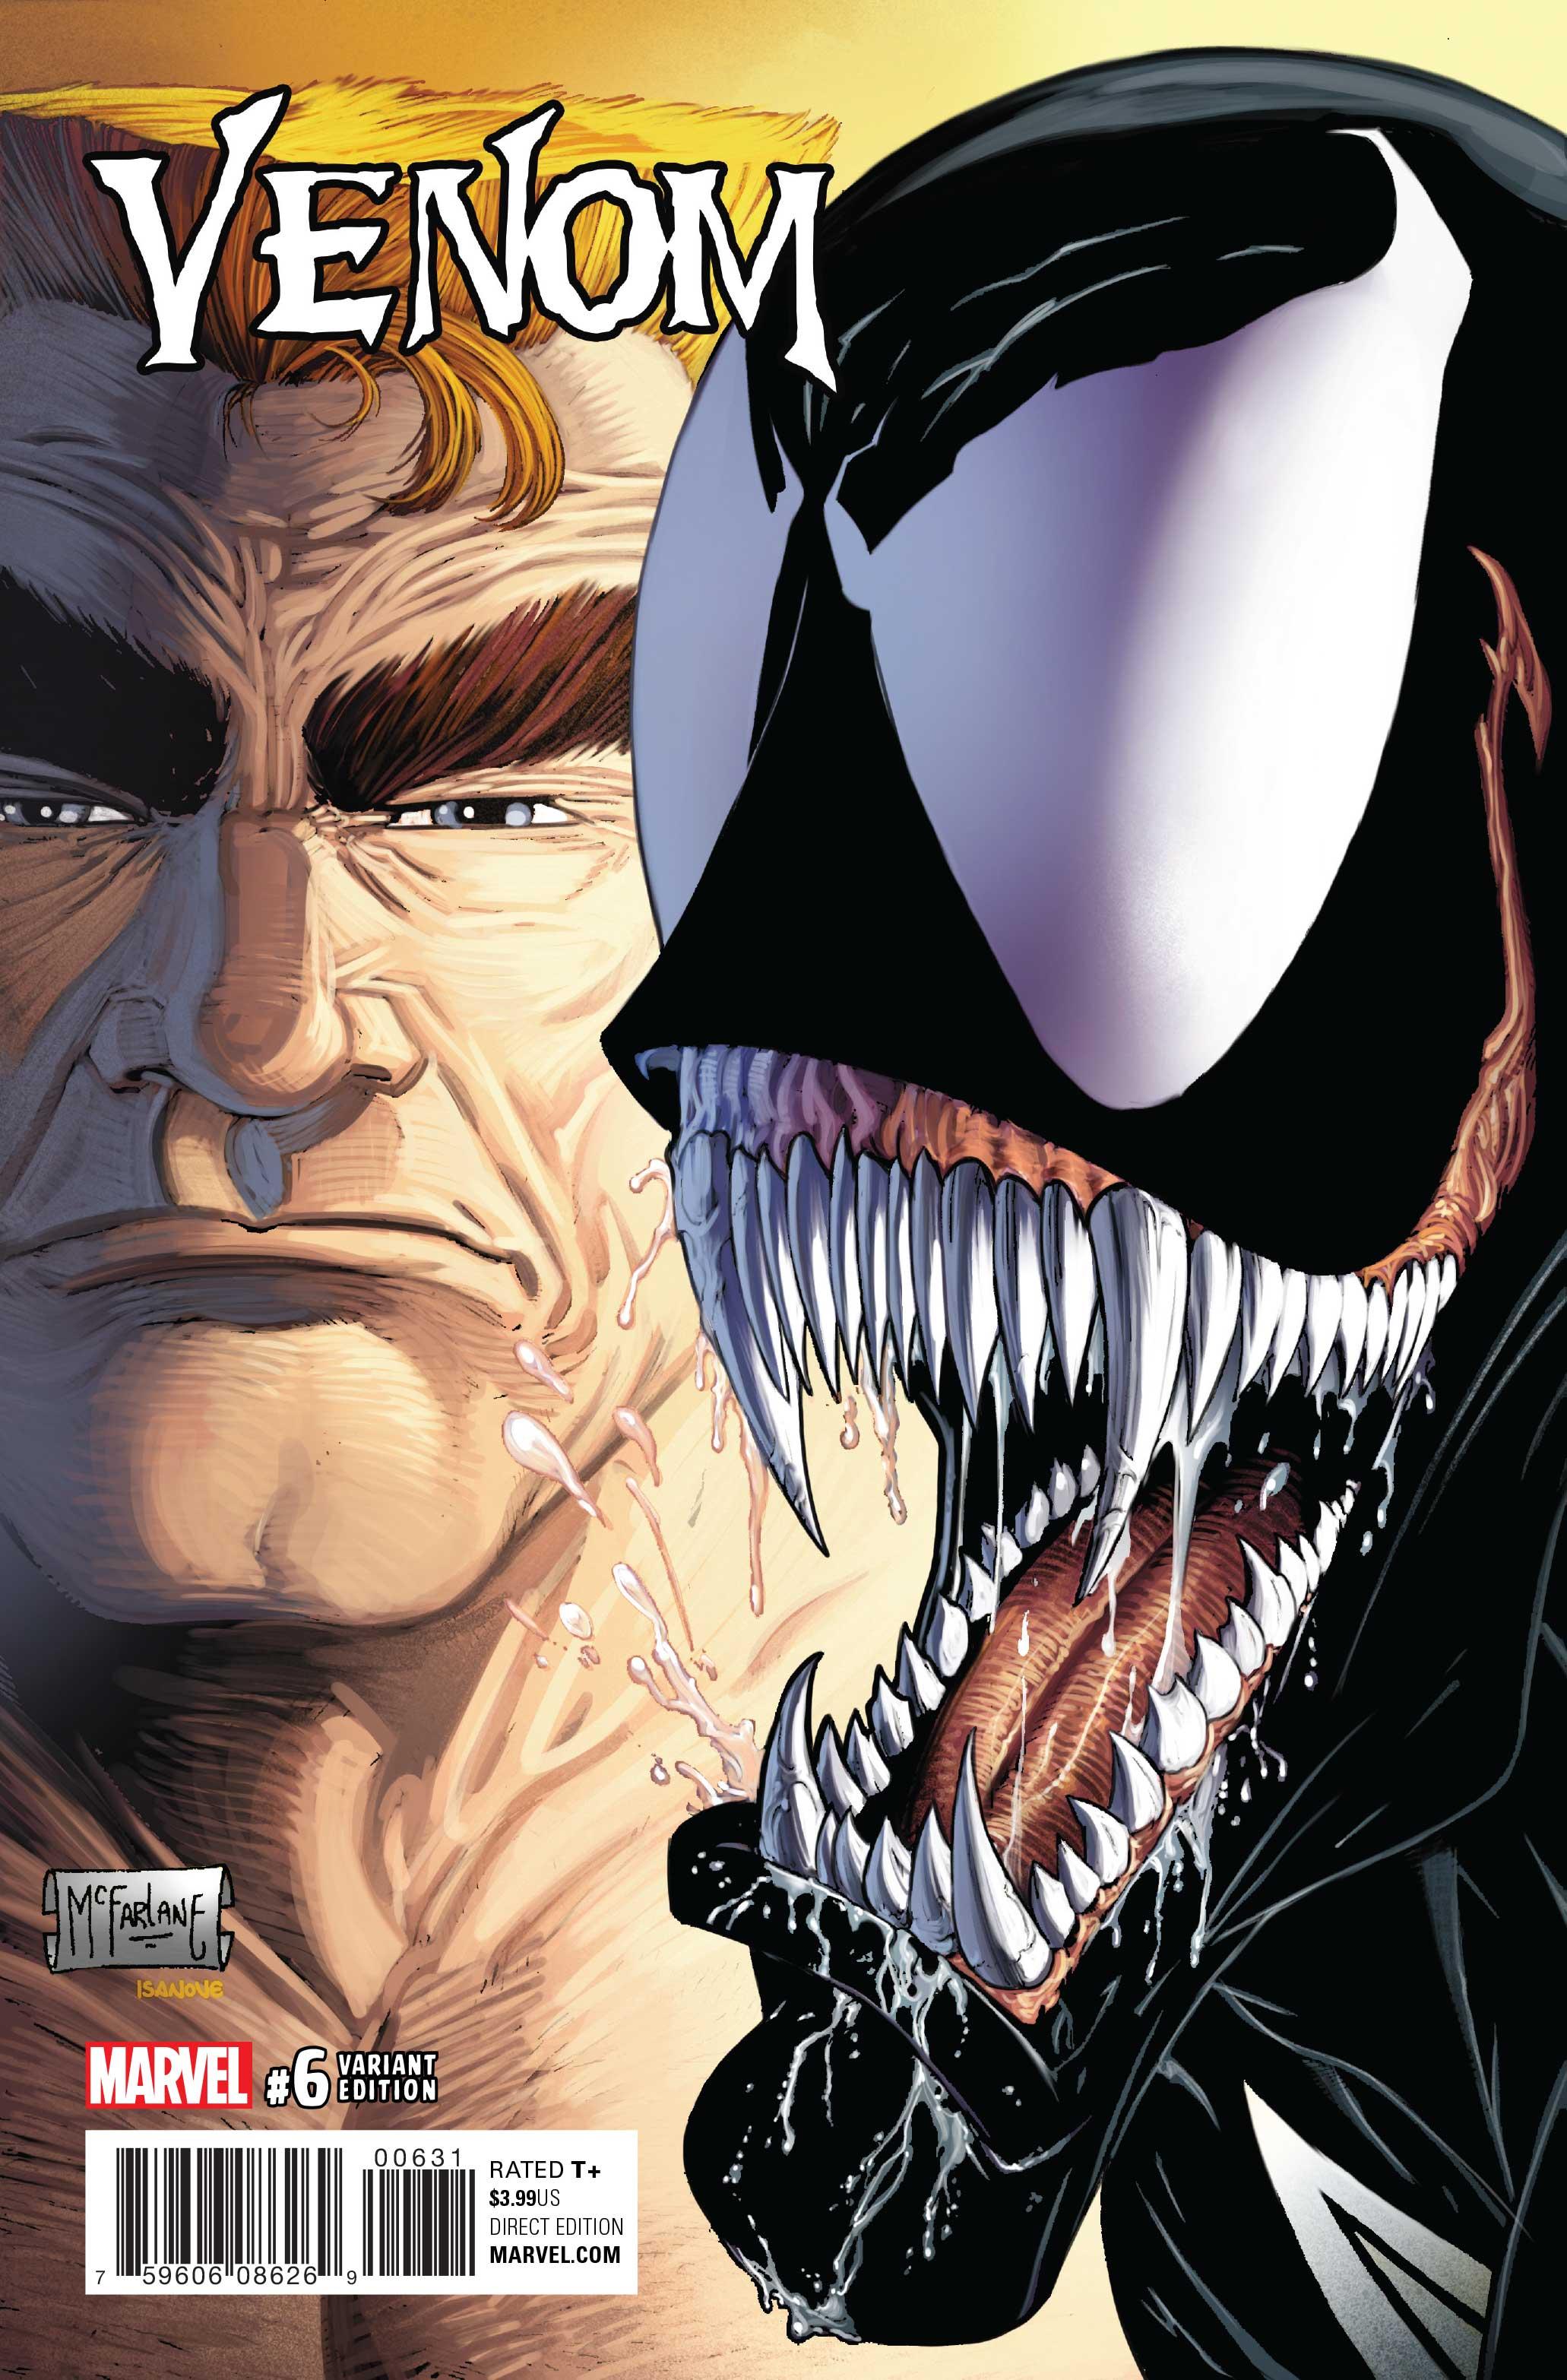 Venom_6-McFarlane_Variant.jpg